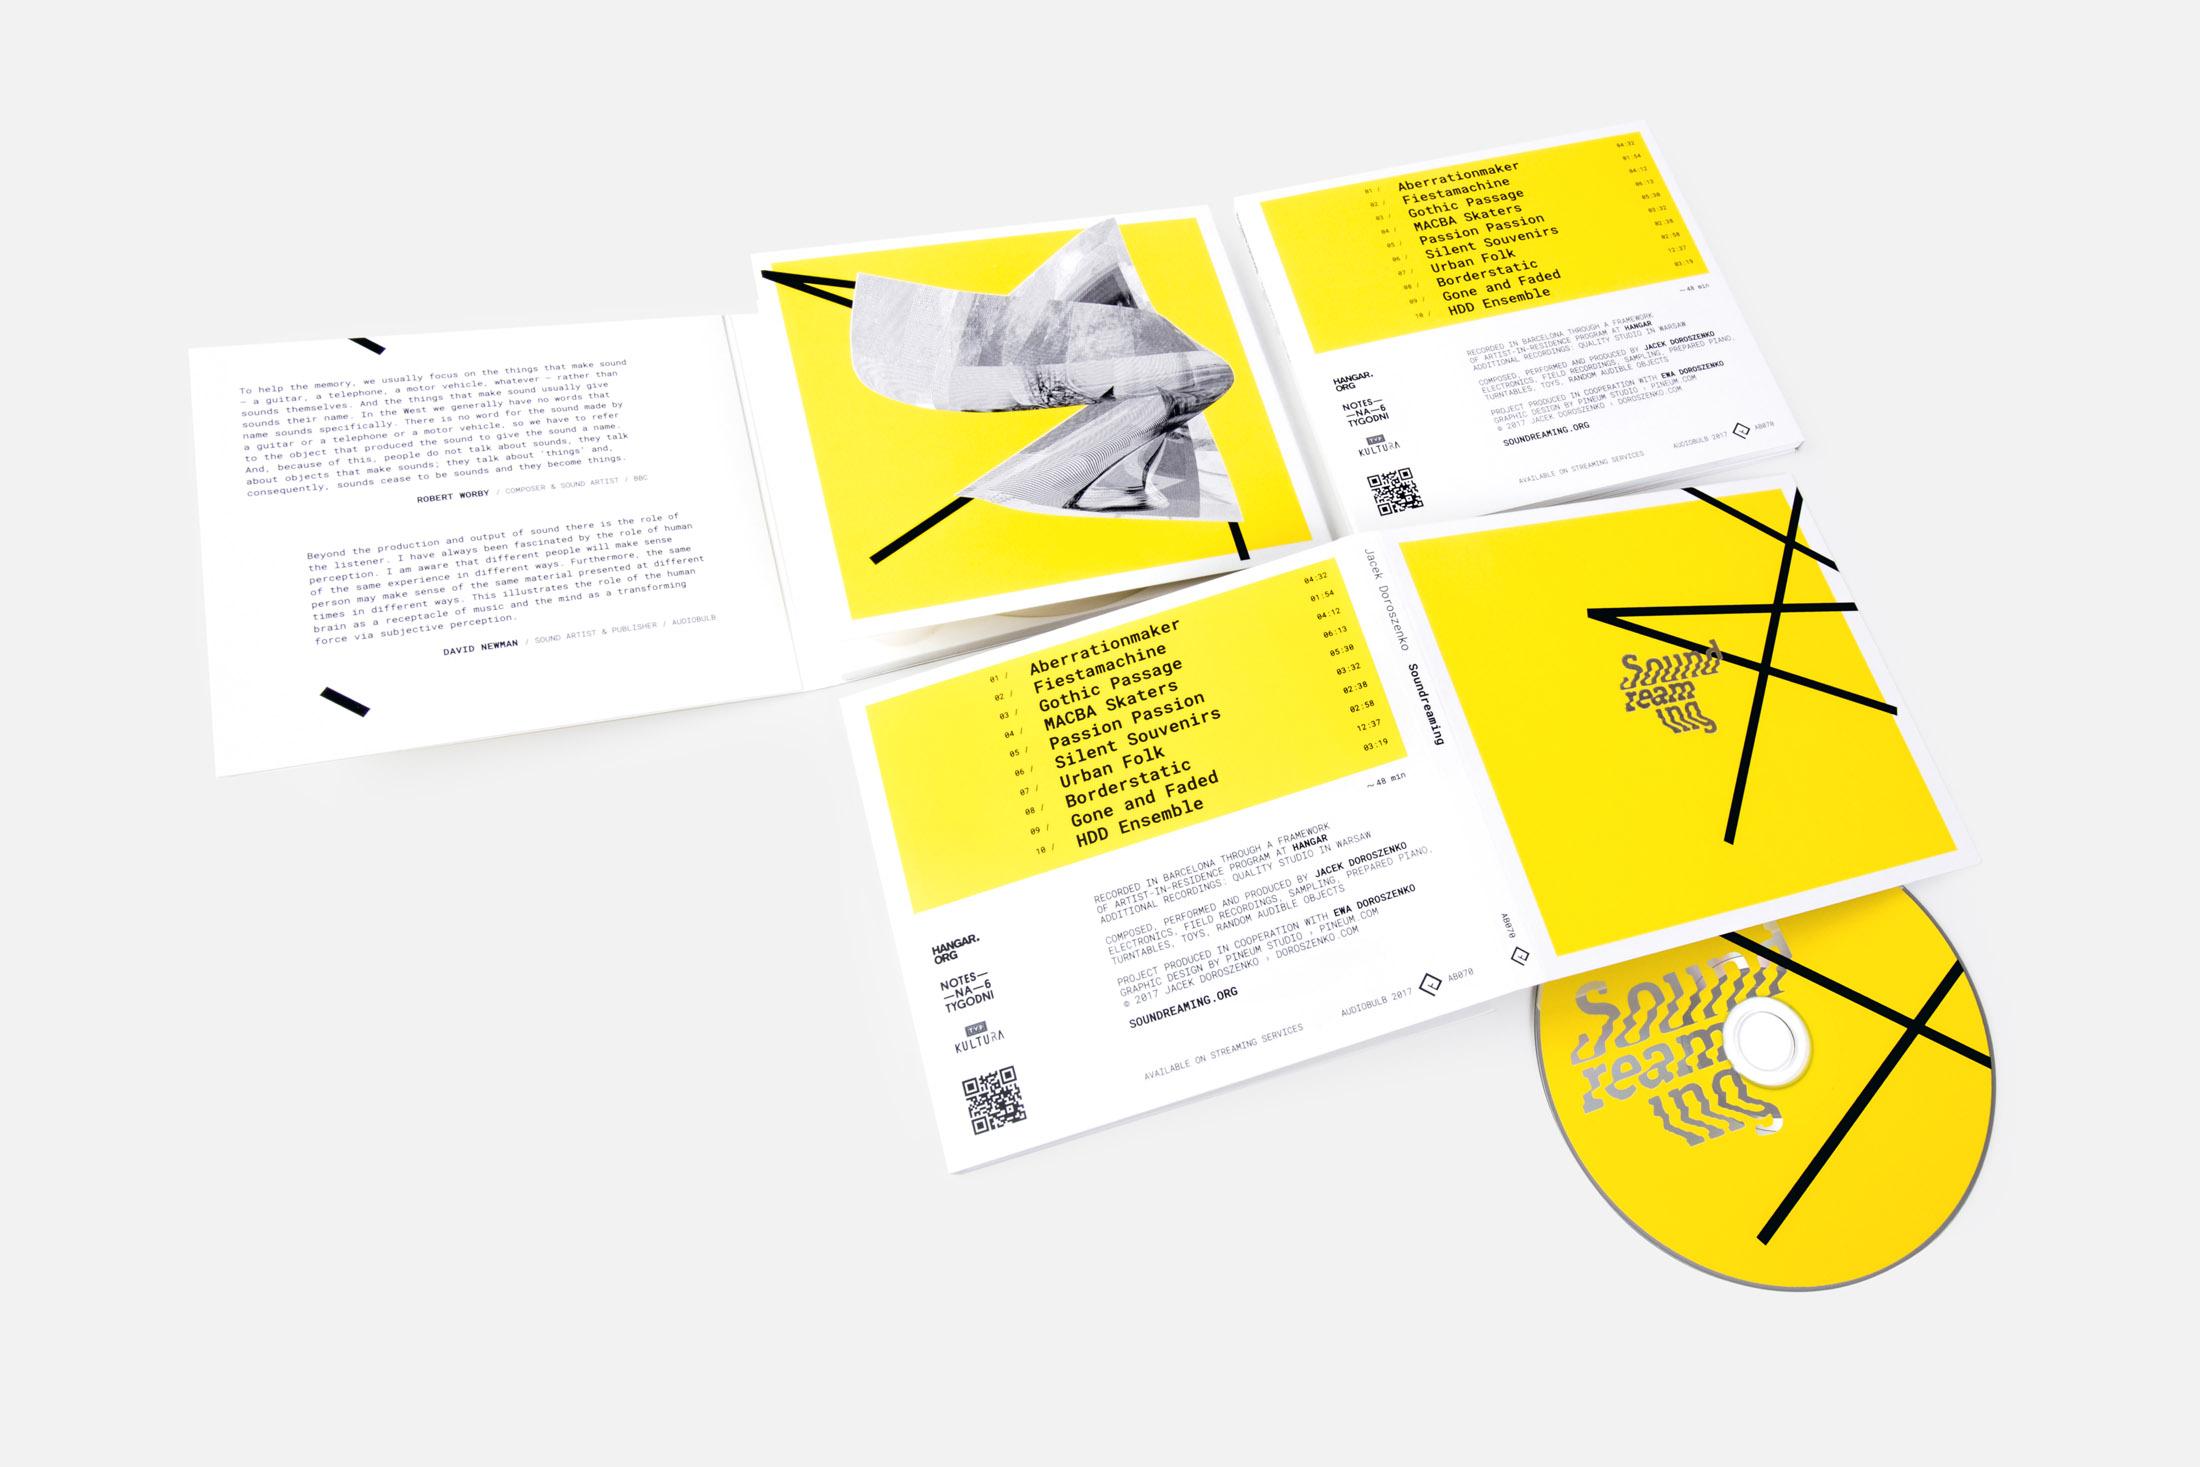 Jacek Doroszenko - Soundreaming album, Audiobulb 2017, detail 3